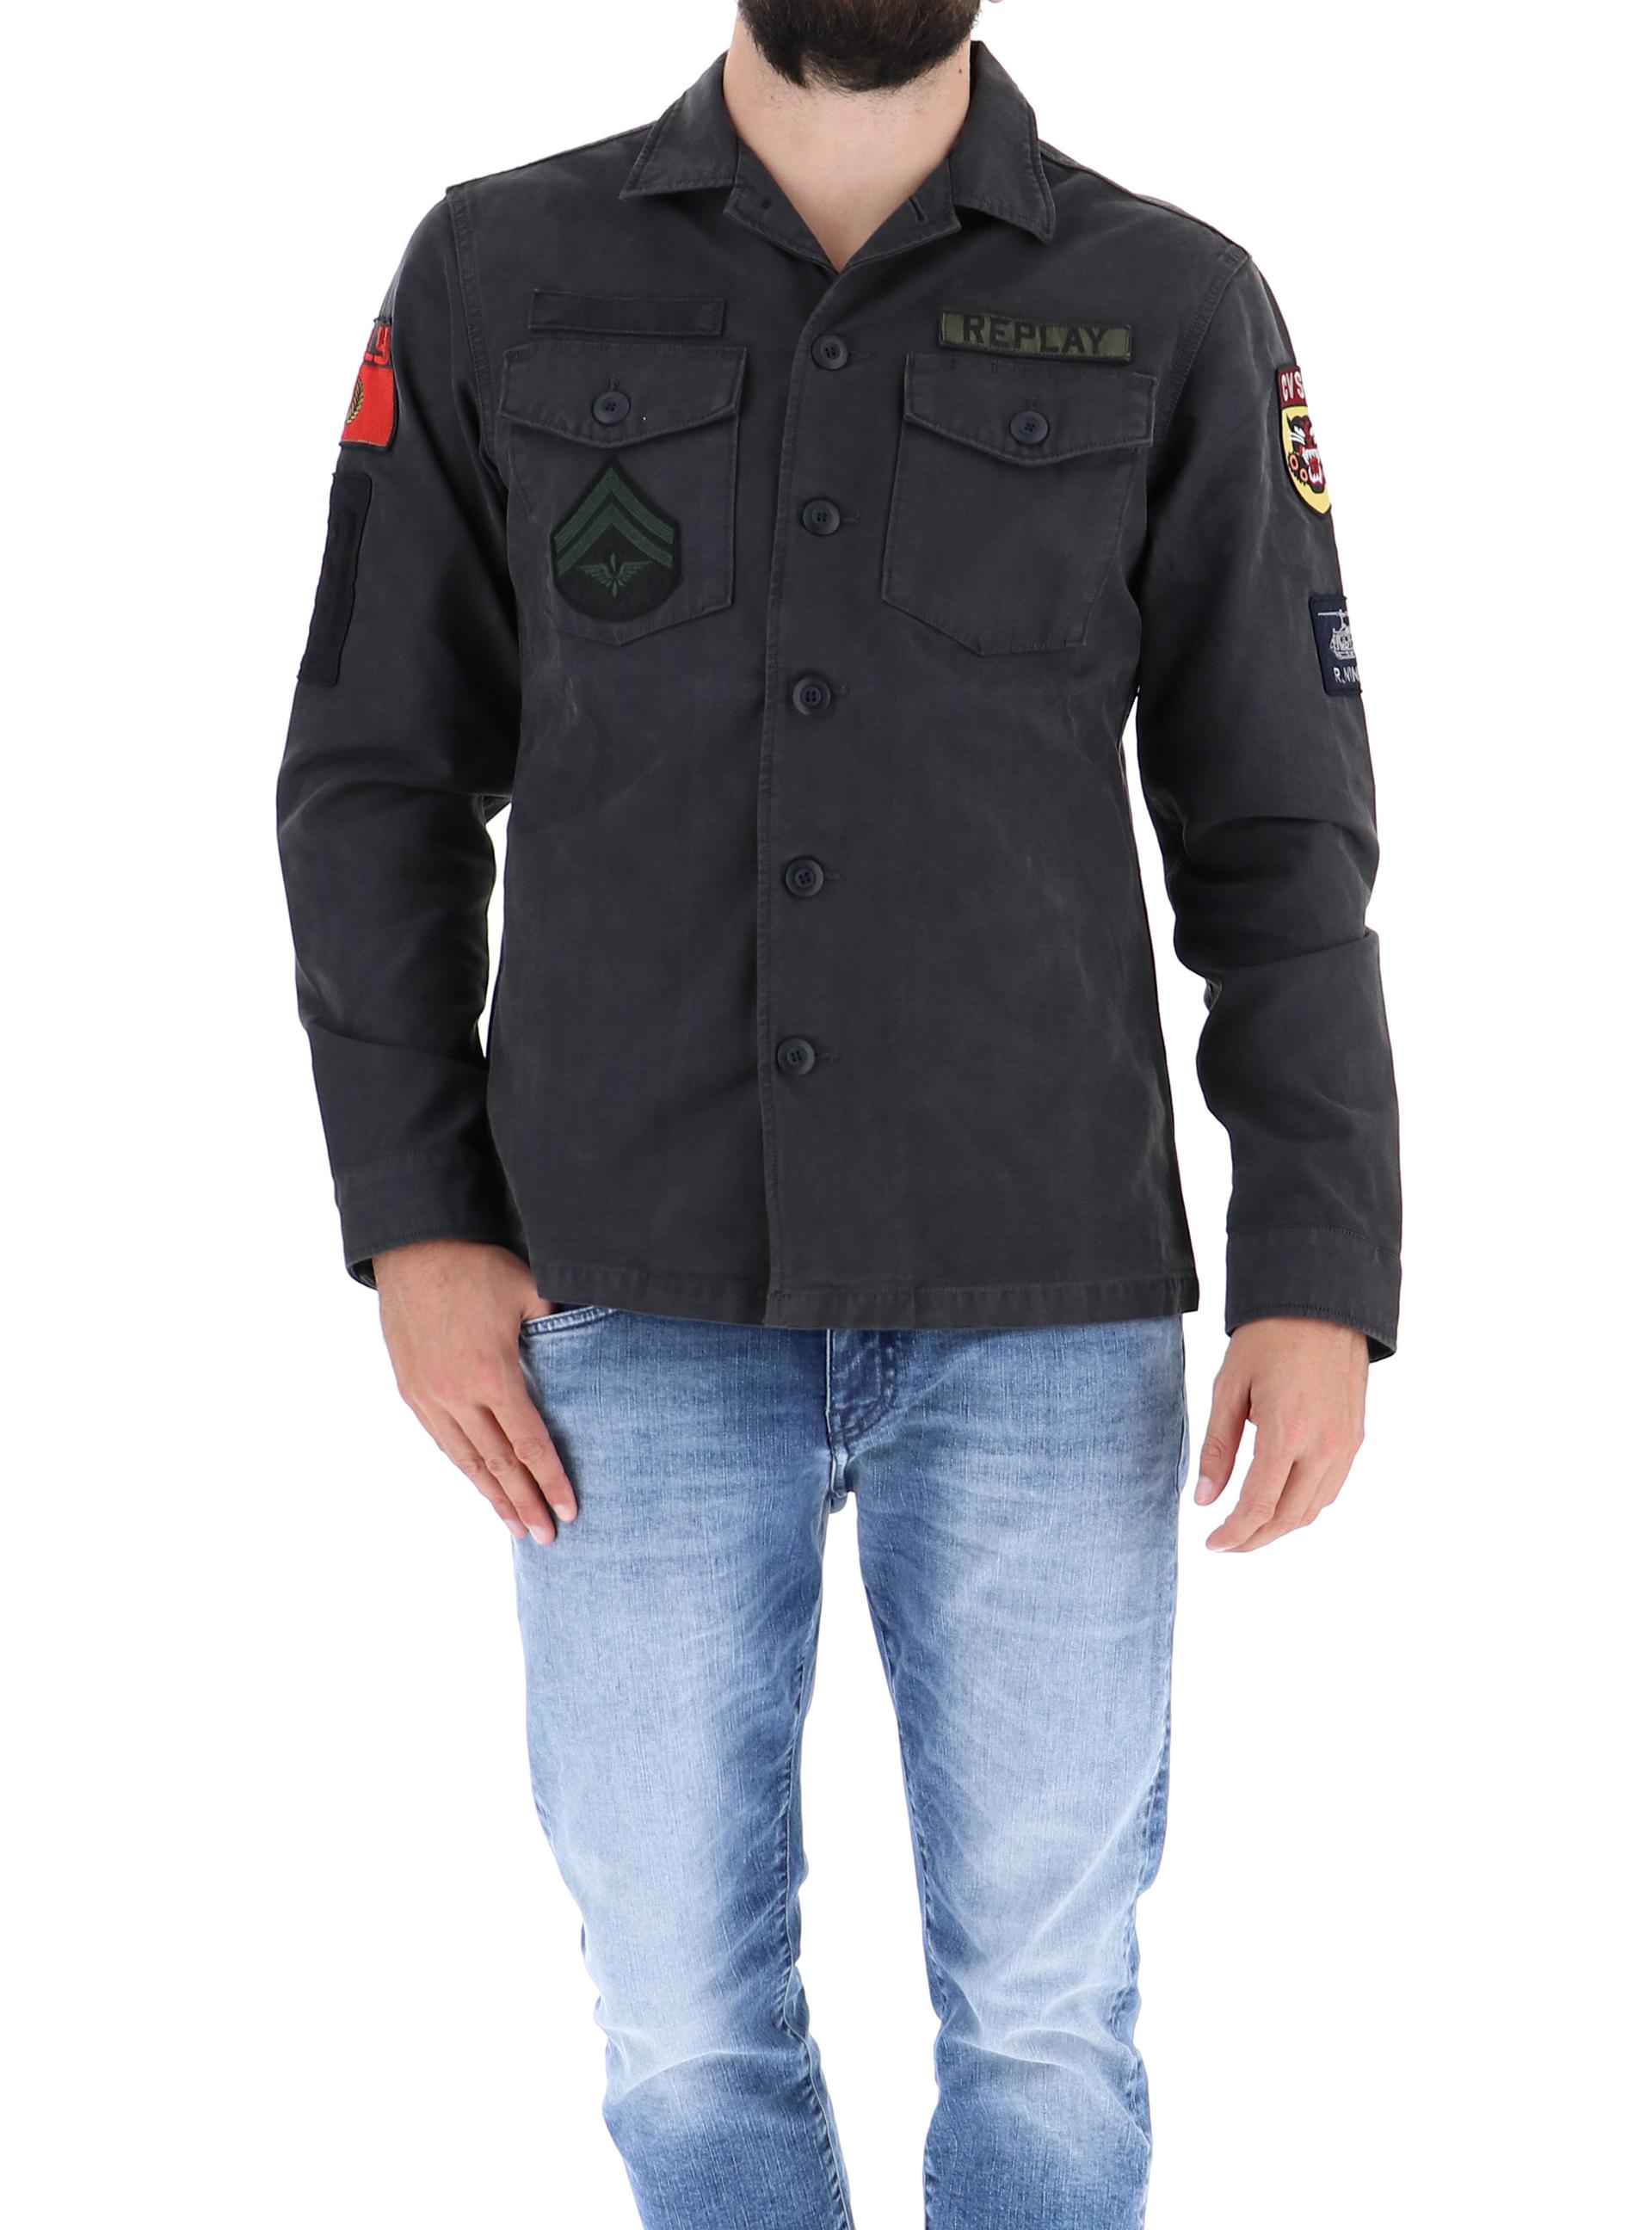 1003744b842d Replay giacche grigio scuro e giubbini m8825c uomo Sorelle 20 rxTPqrH